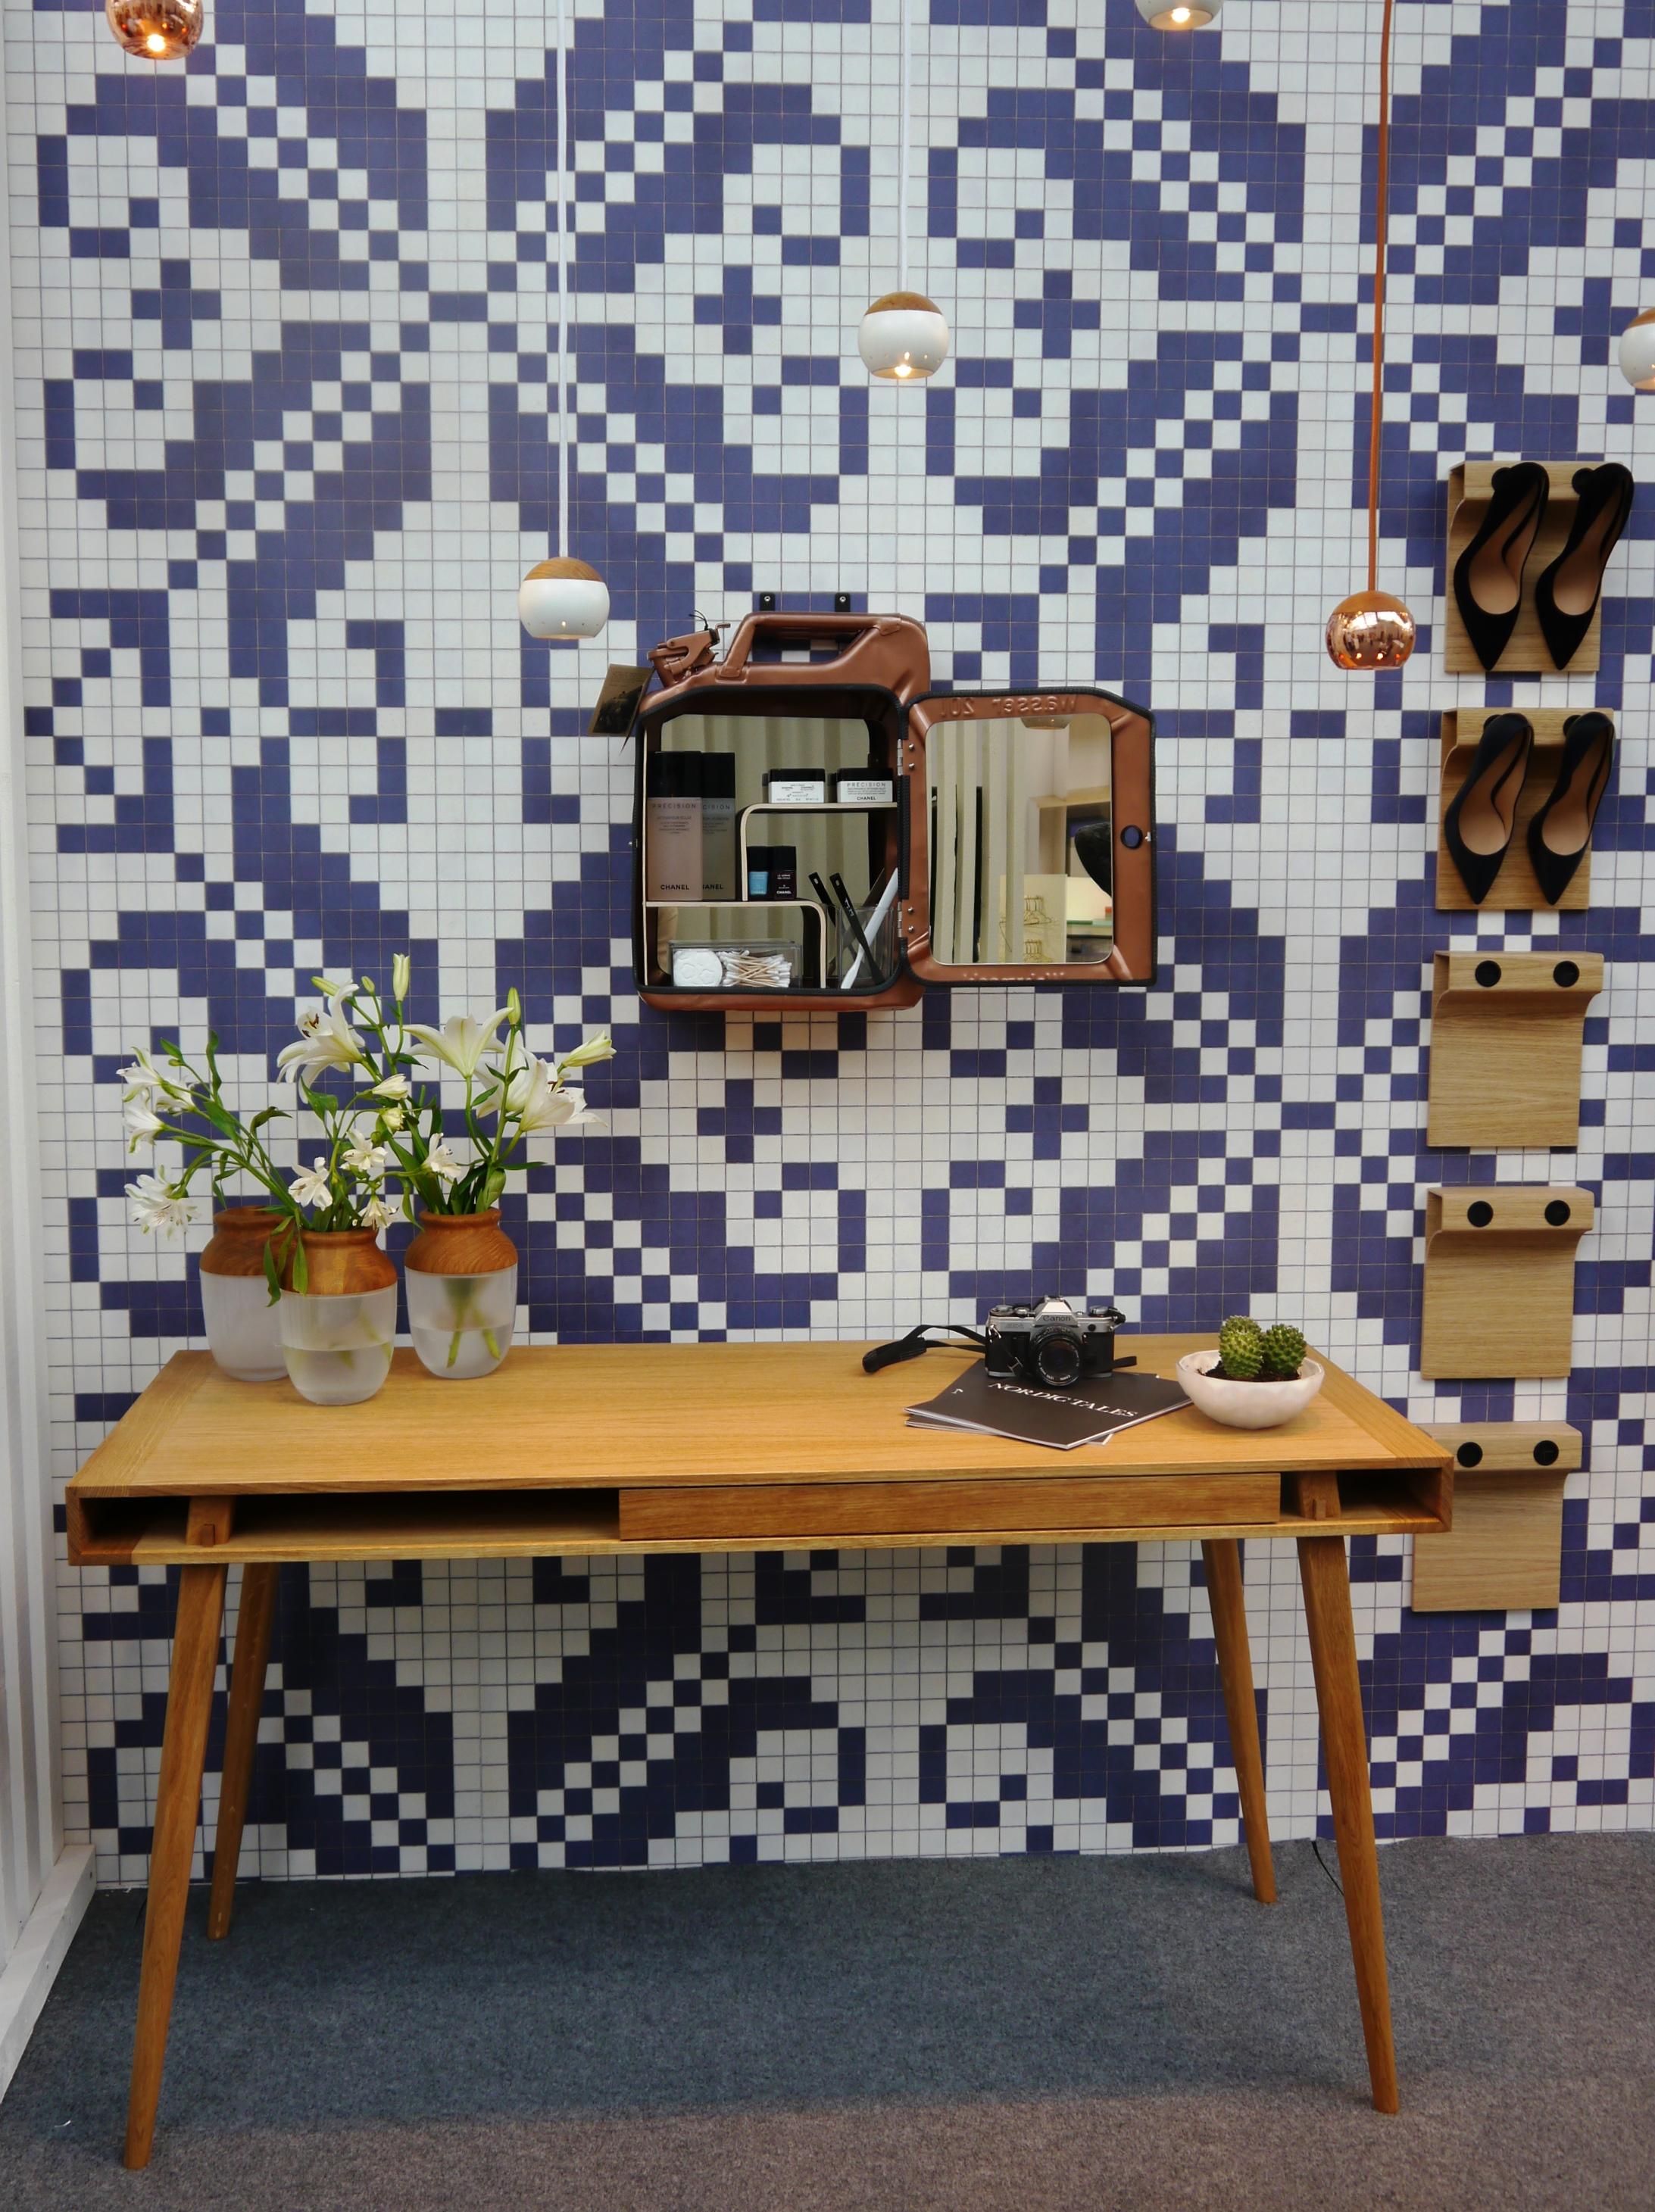 Nordic tales tisch und vase aus holz holzdesignpur blog for Tisch nordic design